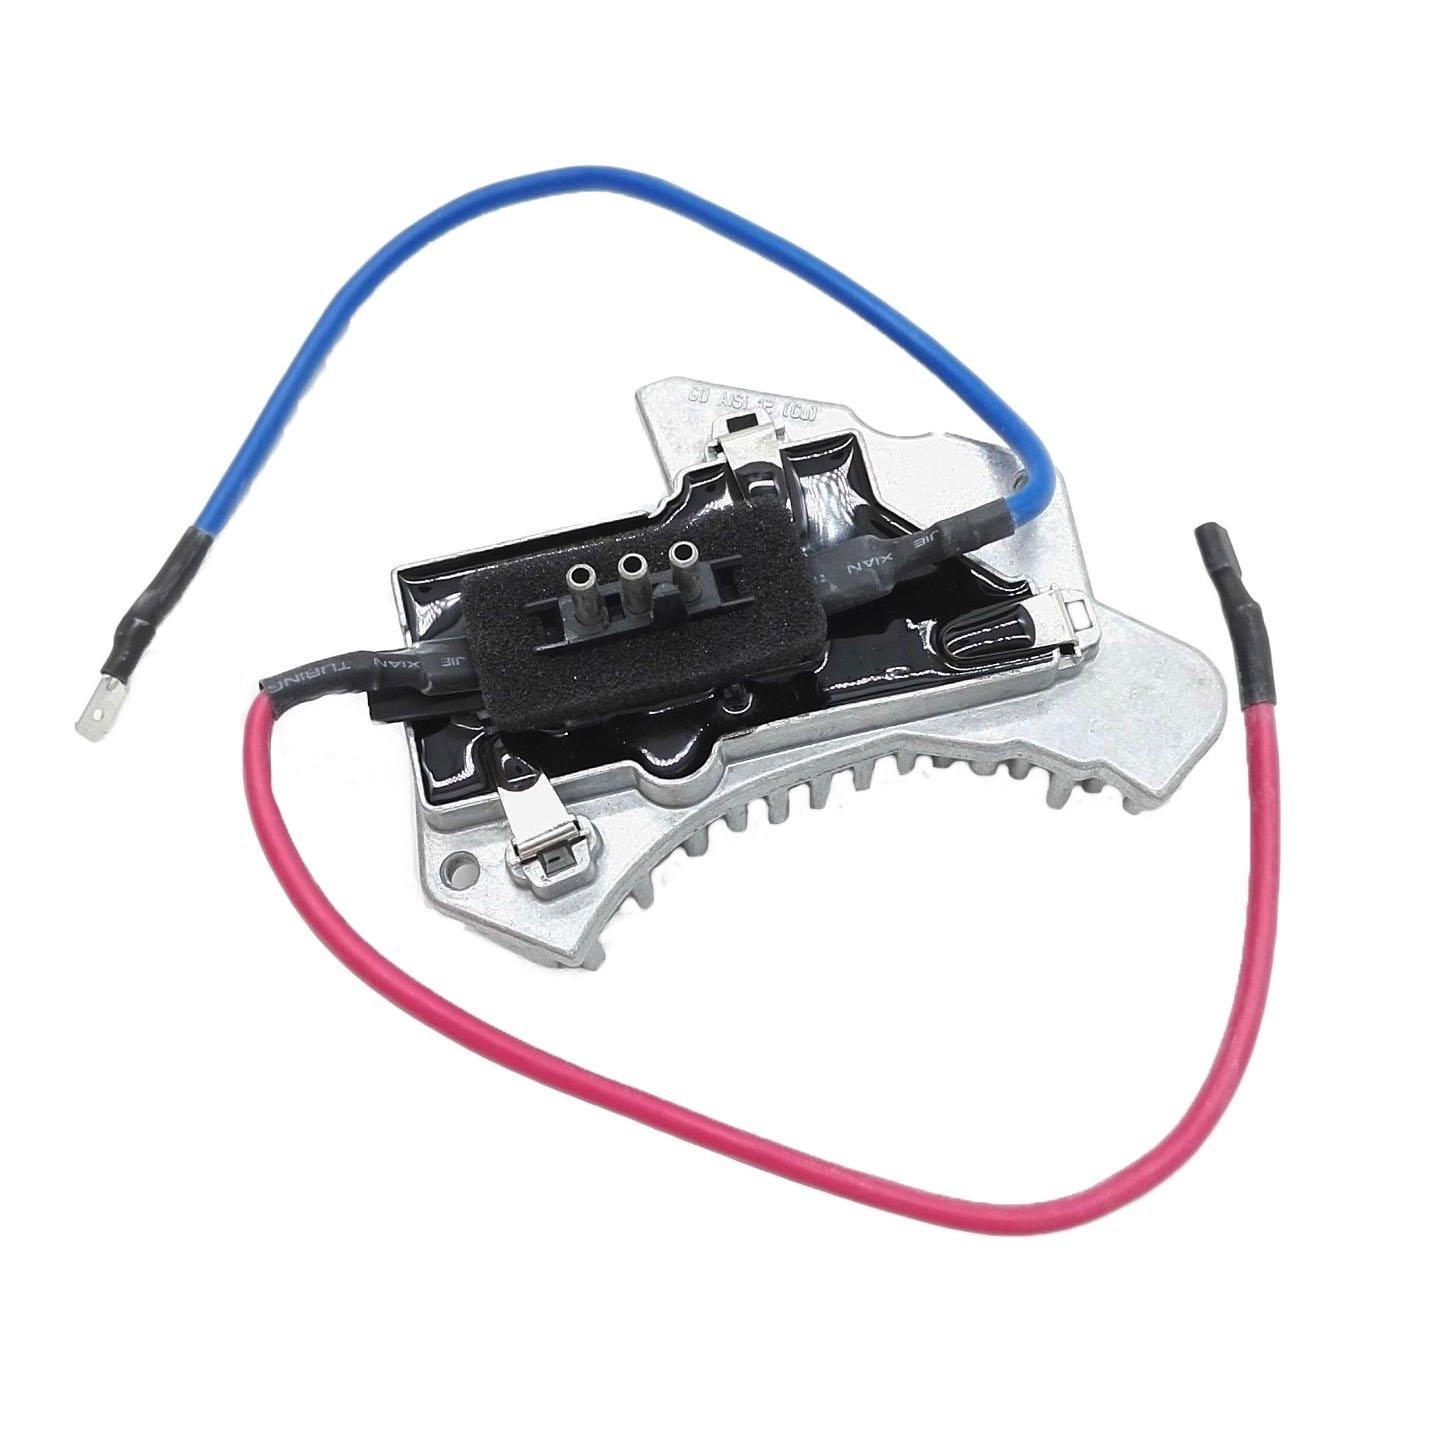 Blower Motor Resistor For Mercedes C230 C280 SLK230 SLK320 SLK350 SLK32 SLK55 AMG Chrysler Crossfire